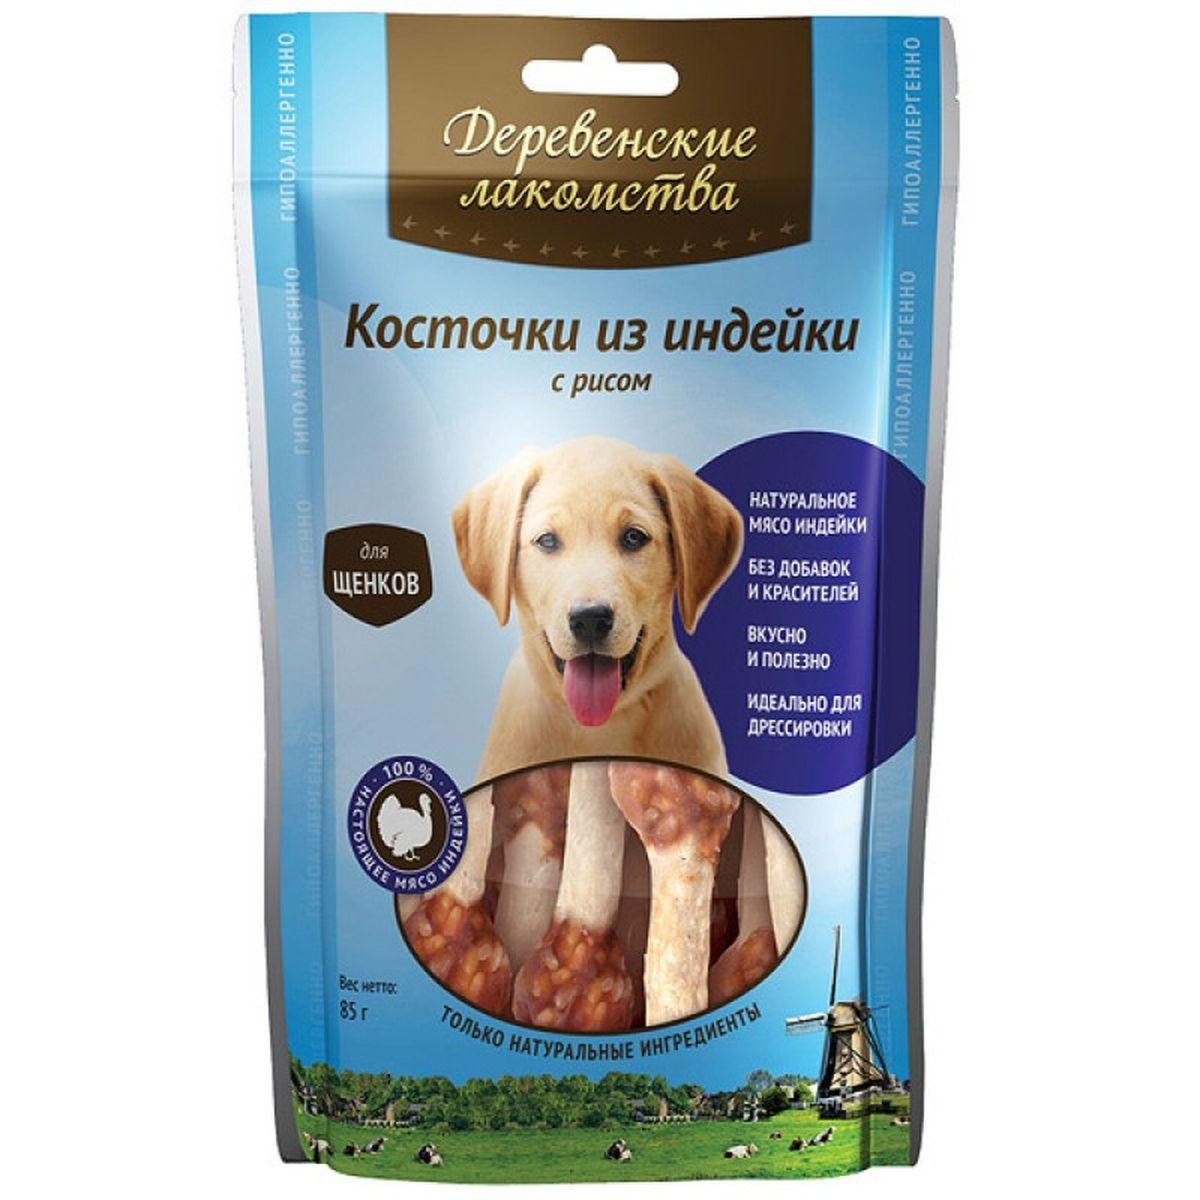 Лакомство для щенков 'Деревенские лакомства', косточки из индейки с рисом, 85 г Kormberi.ru магазин товаров для ваших животных